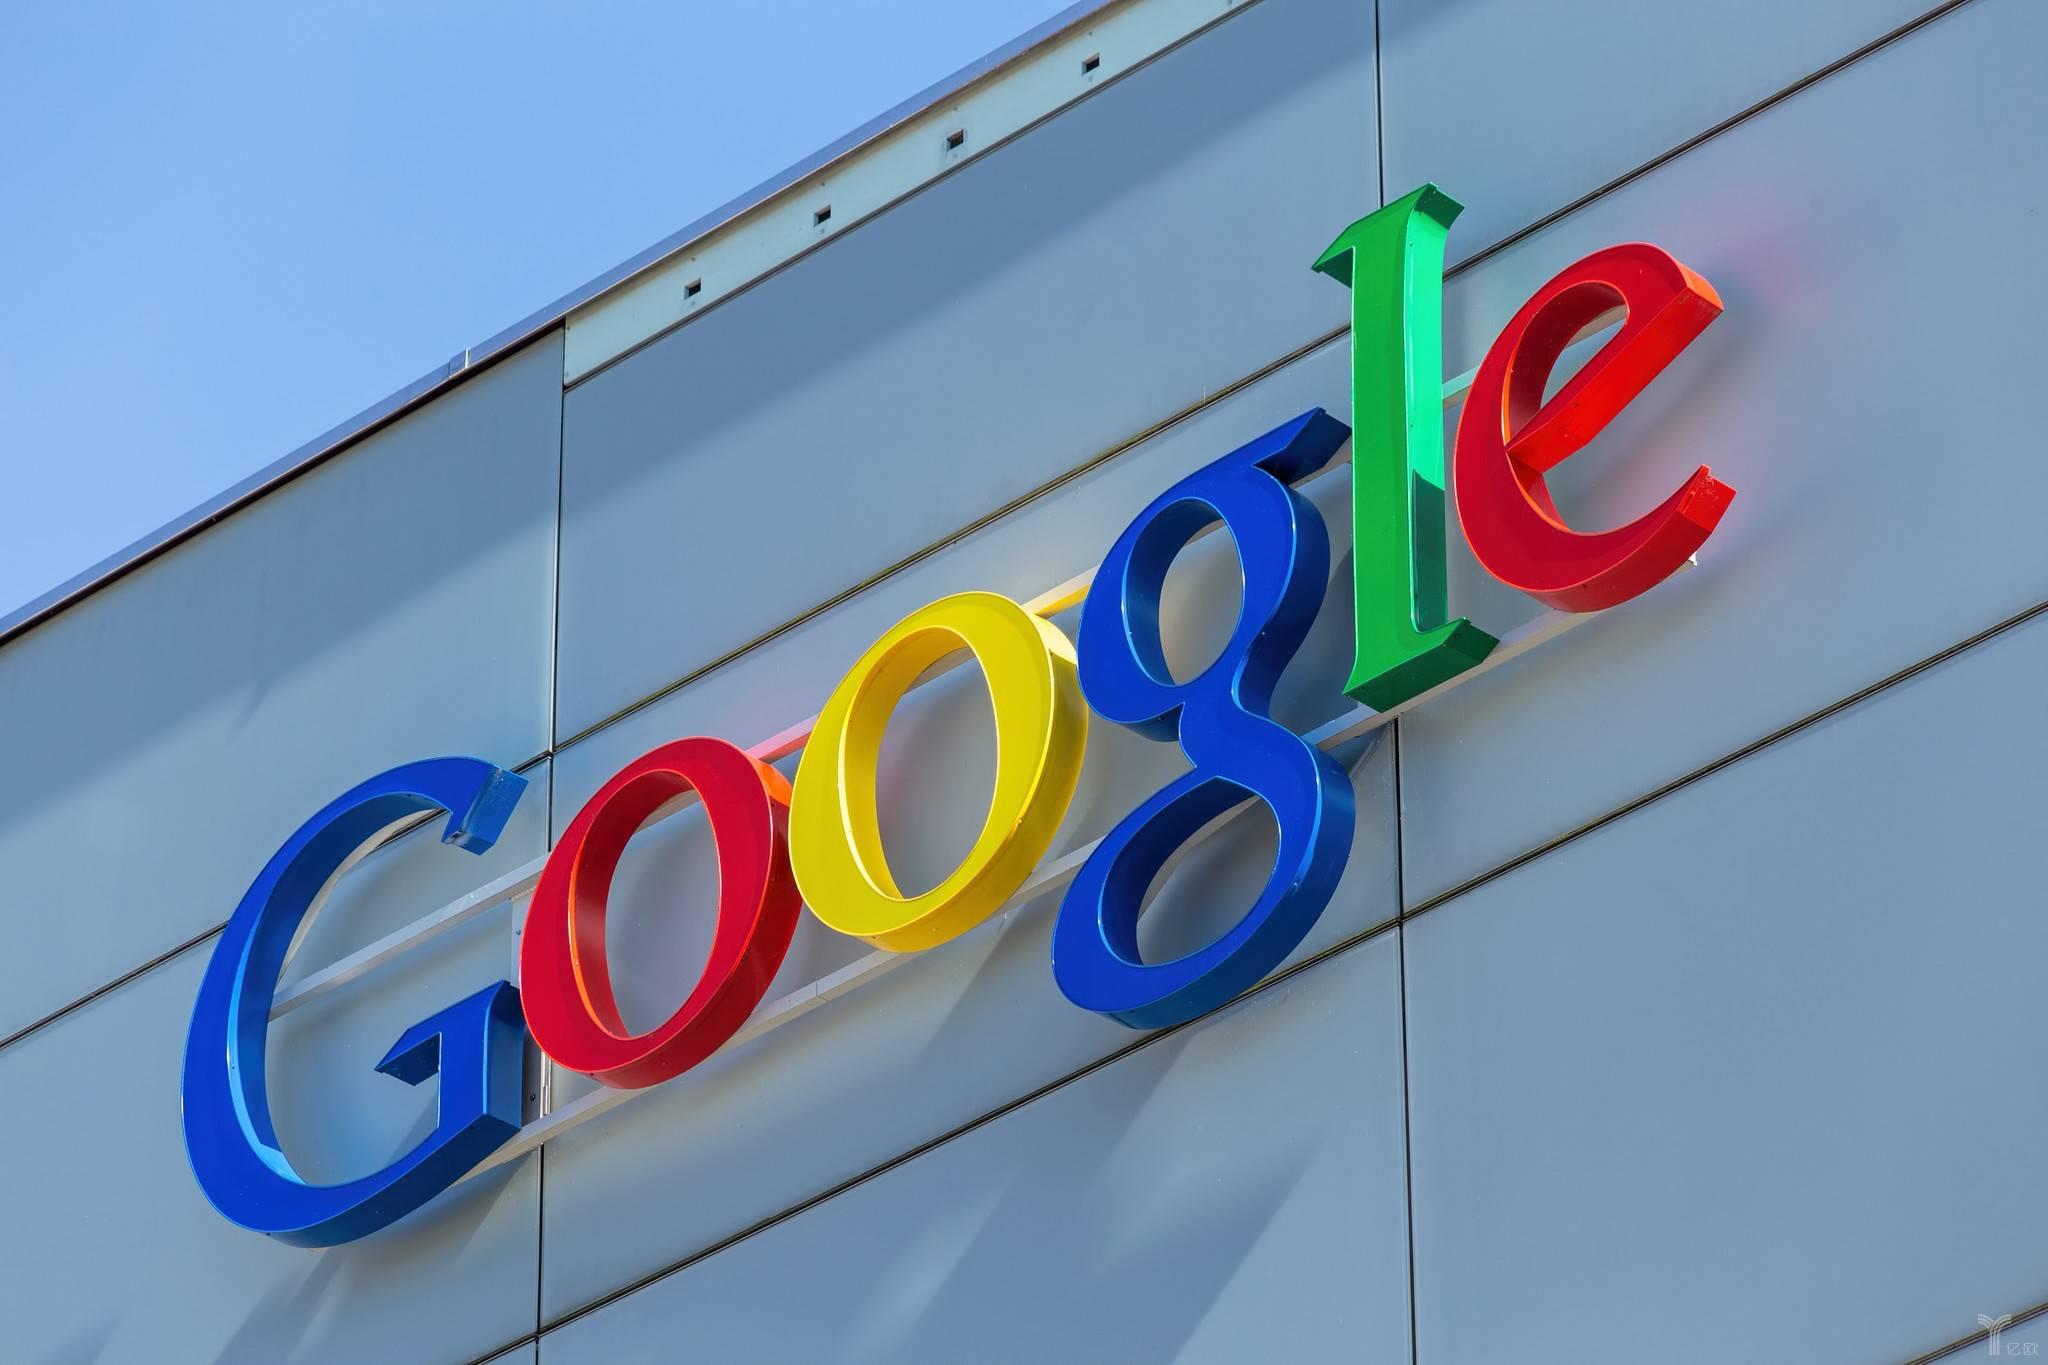 僅成立一周就遇攔路虎,谷歌的AI技術道德監督將如何推進?